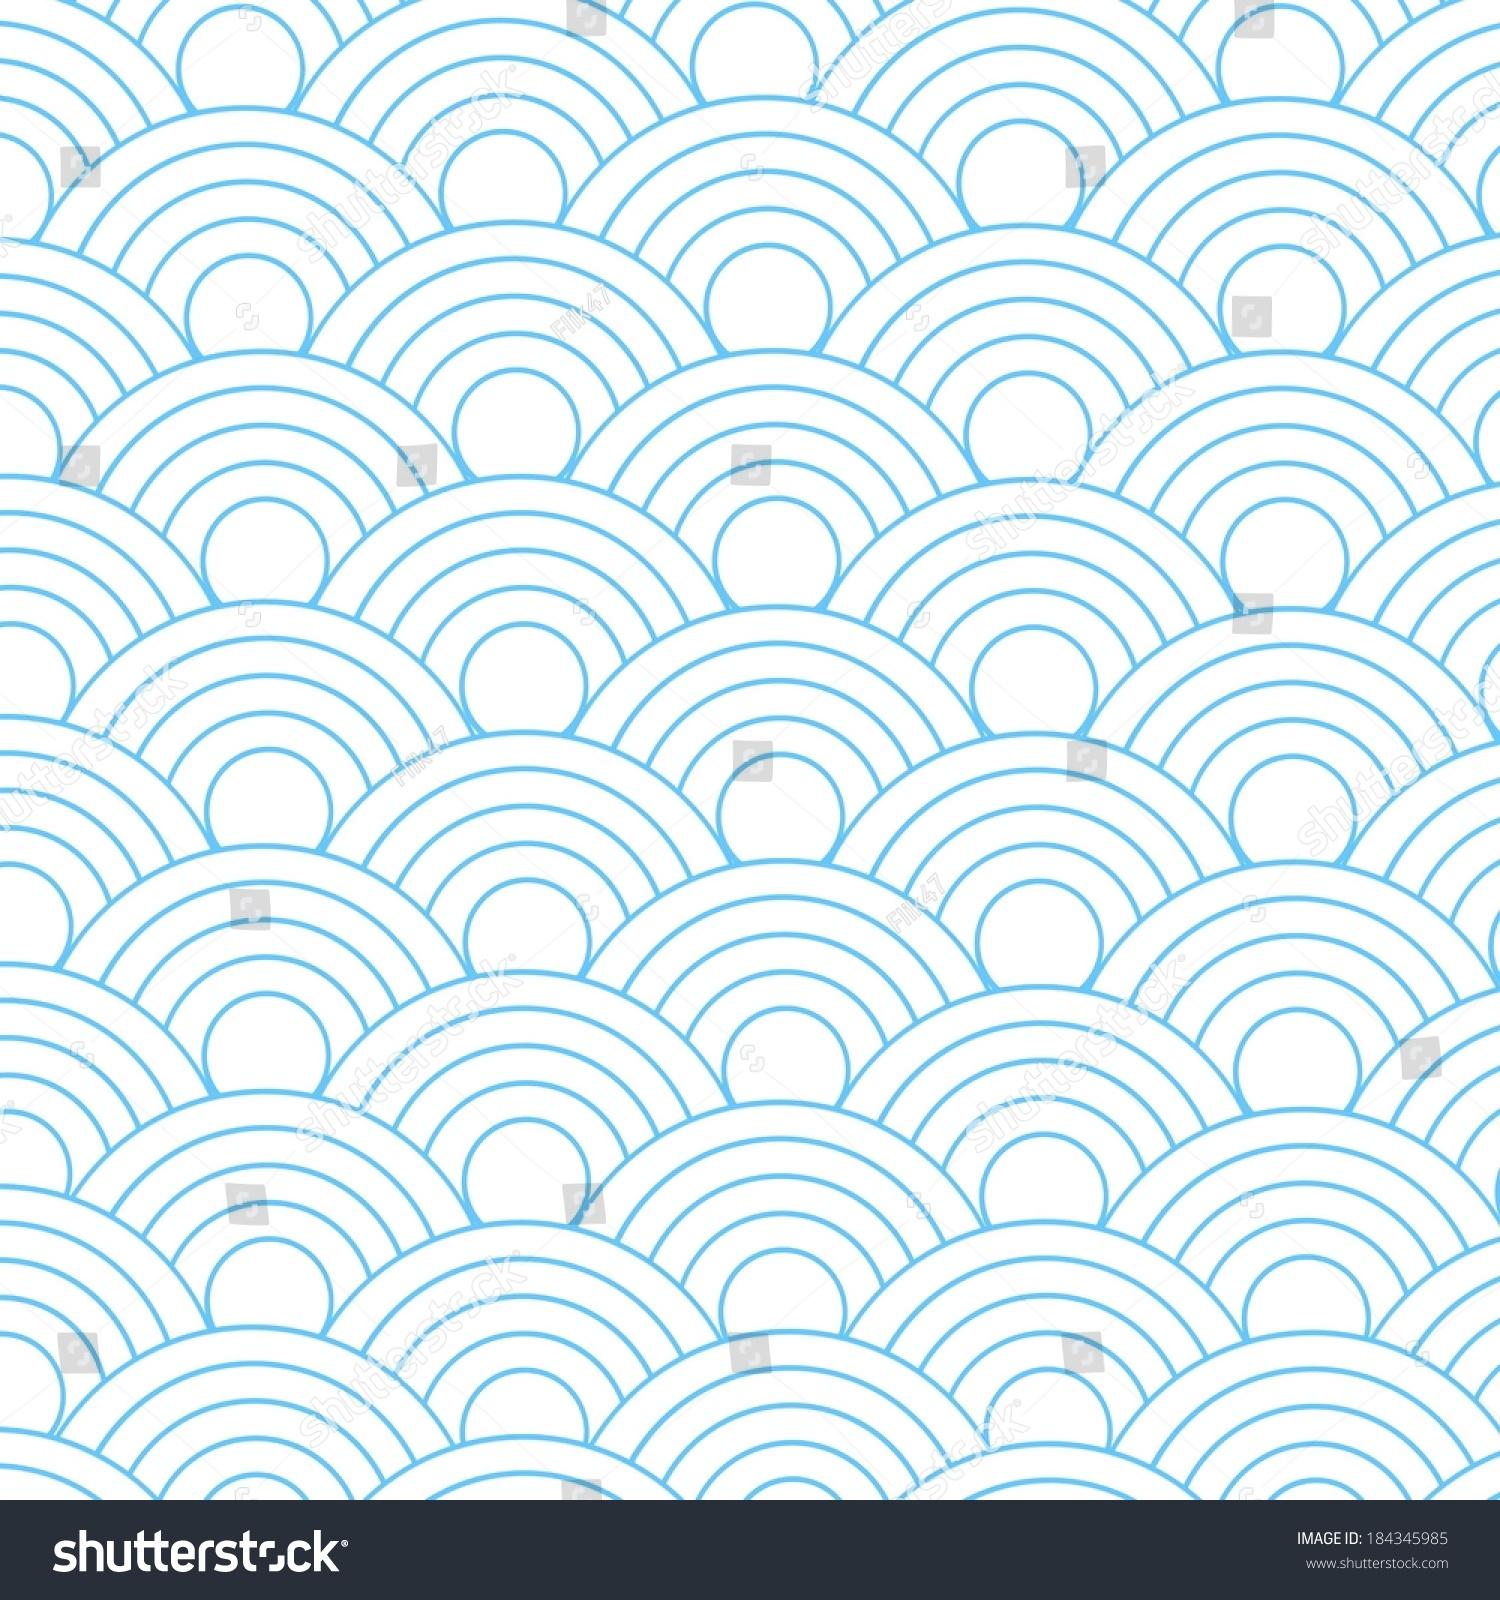 无缝的抽象鱼鳞模式 - 背景/素材,抽象 - 站酷海洛创意正版图片,视频,音乐素材交易平台 - Shutterstock中国独家合作伙伴 - 站酷旗下品牌